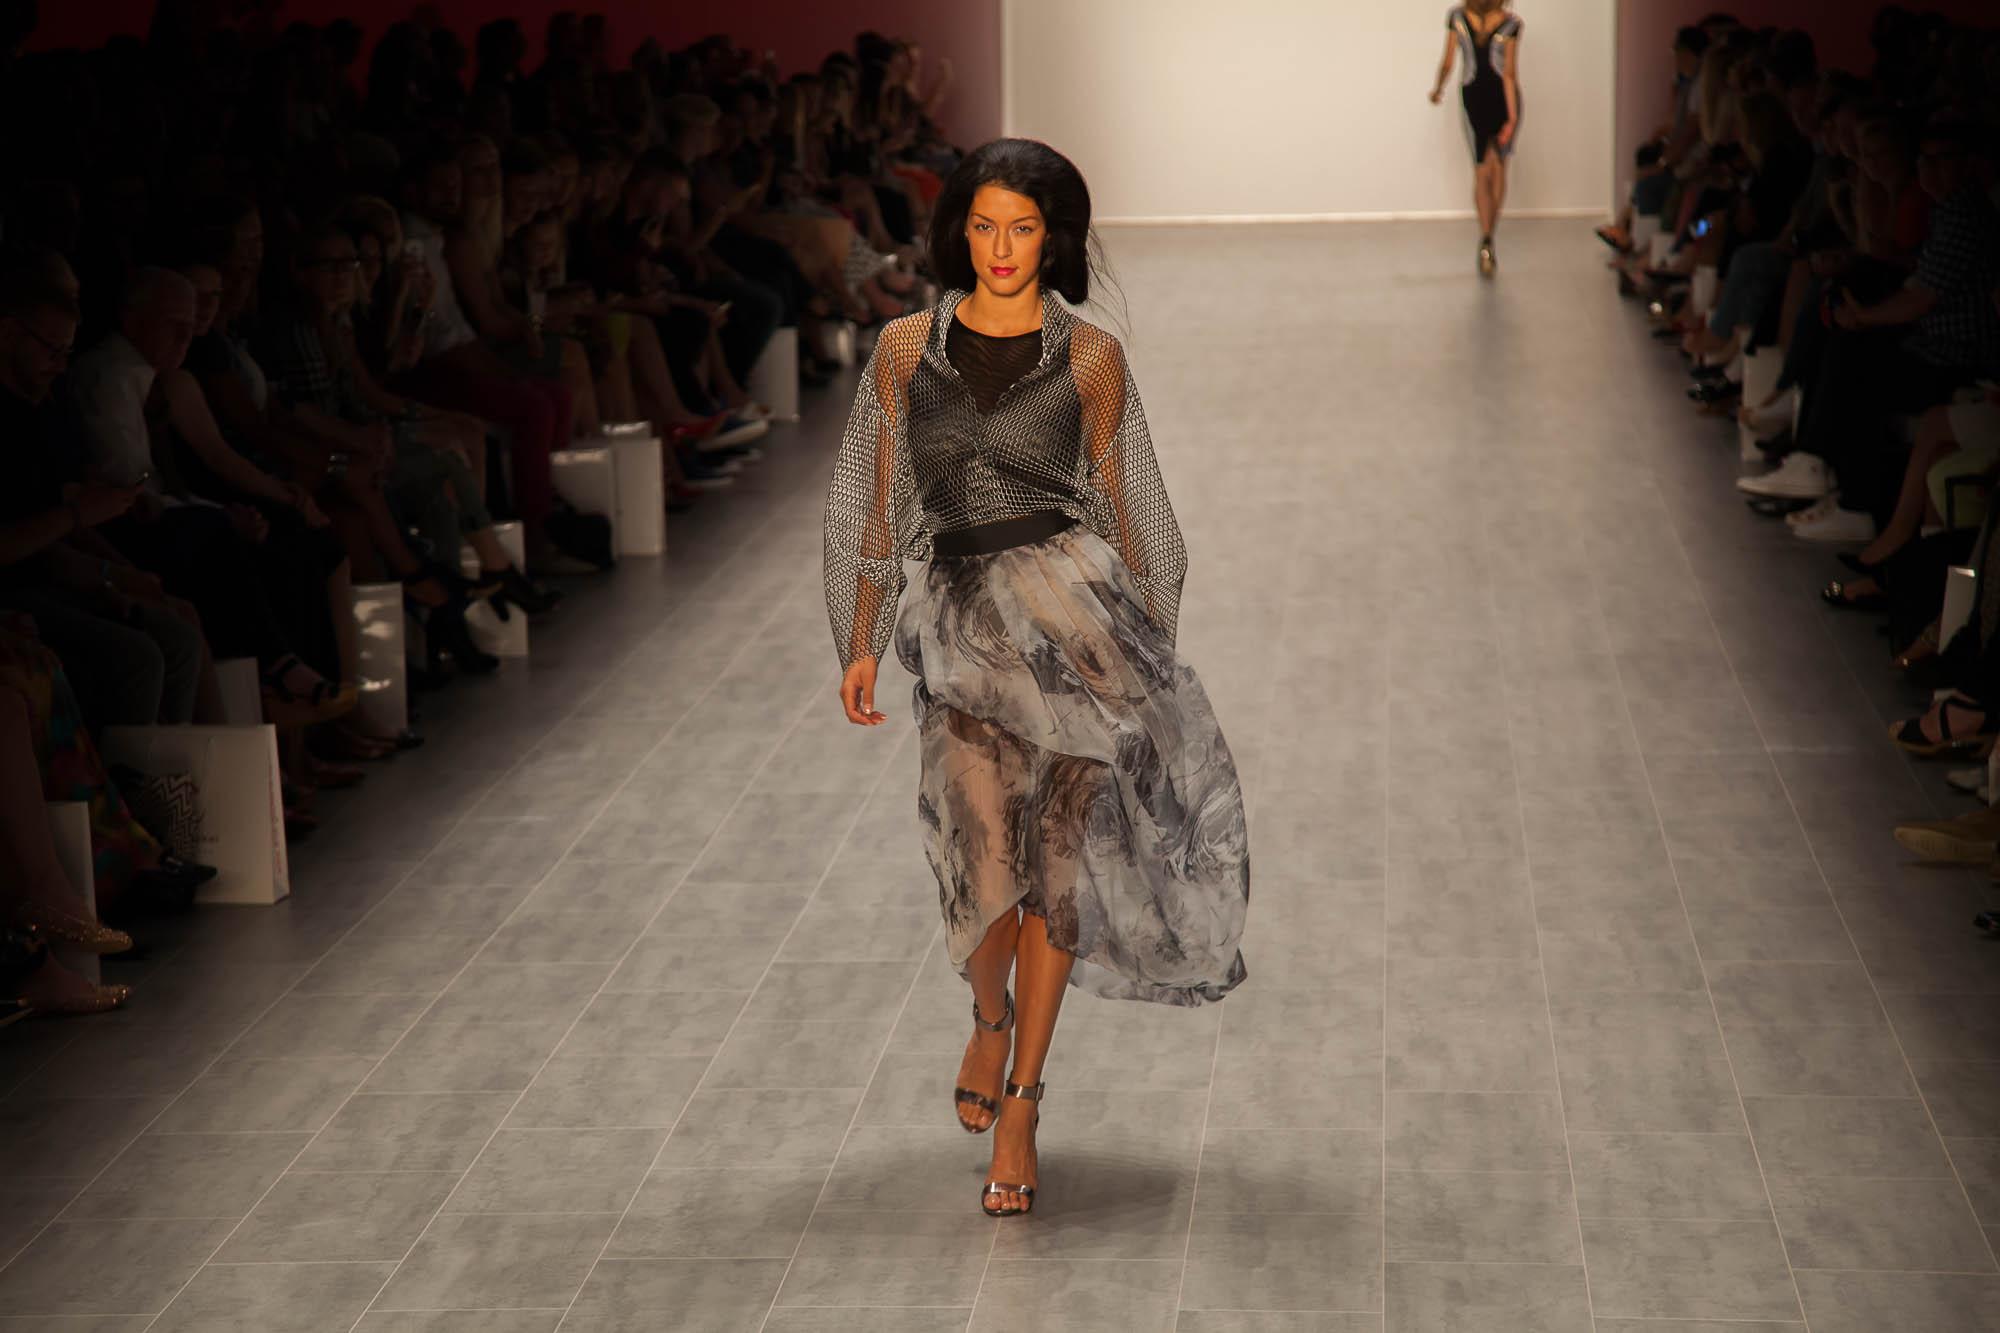 20140709-Fashionweek-anjagockel-02